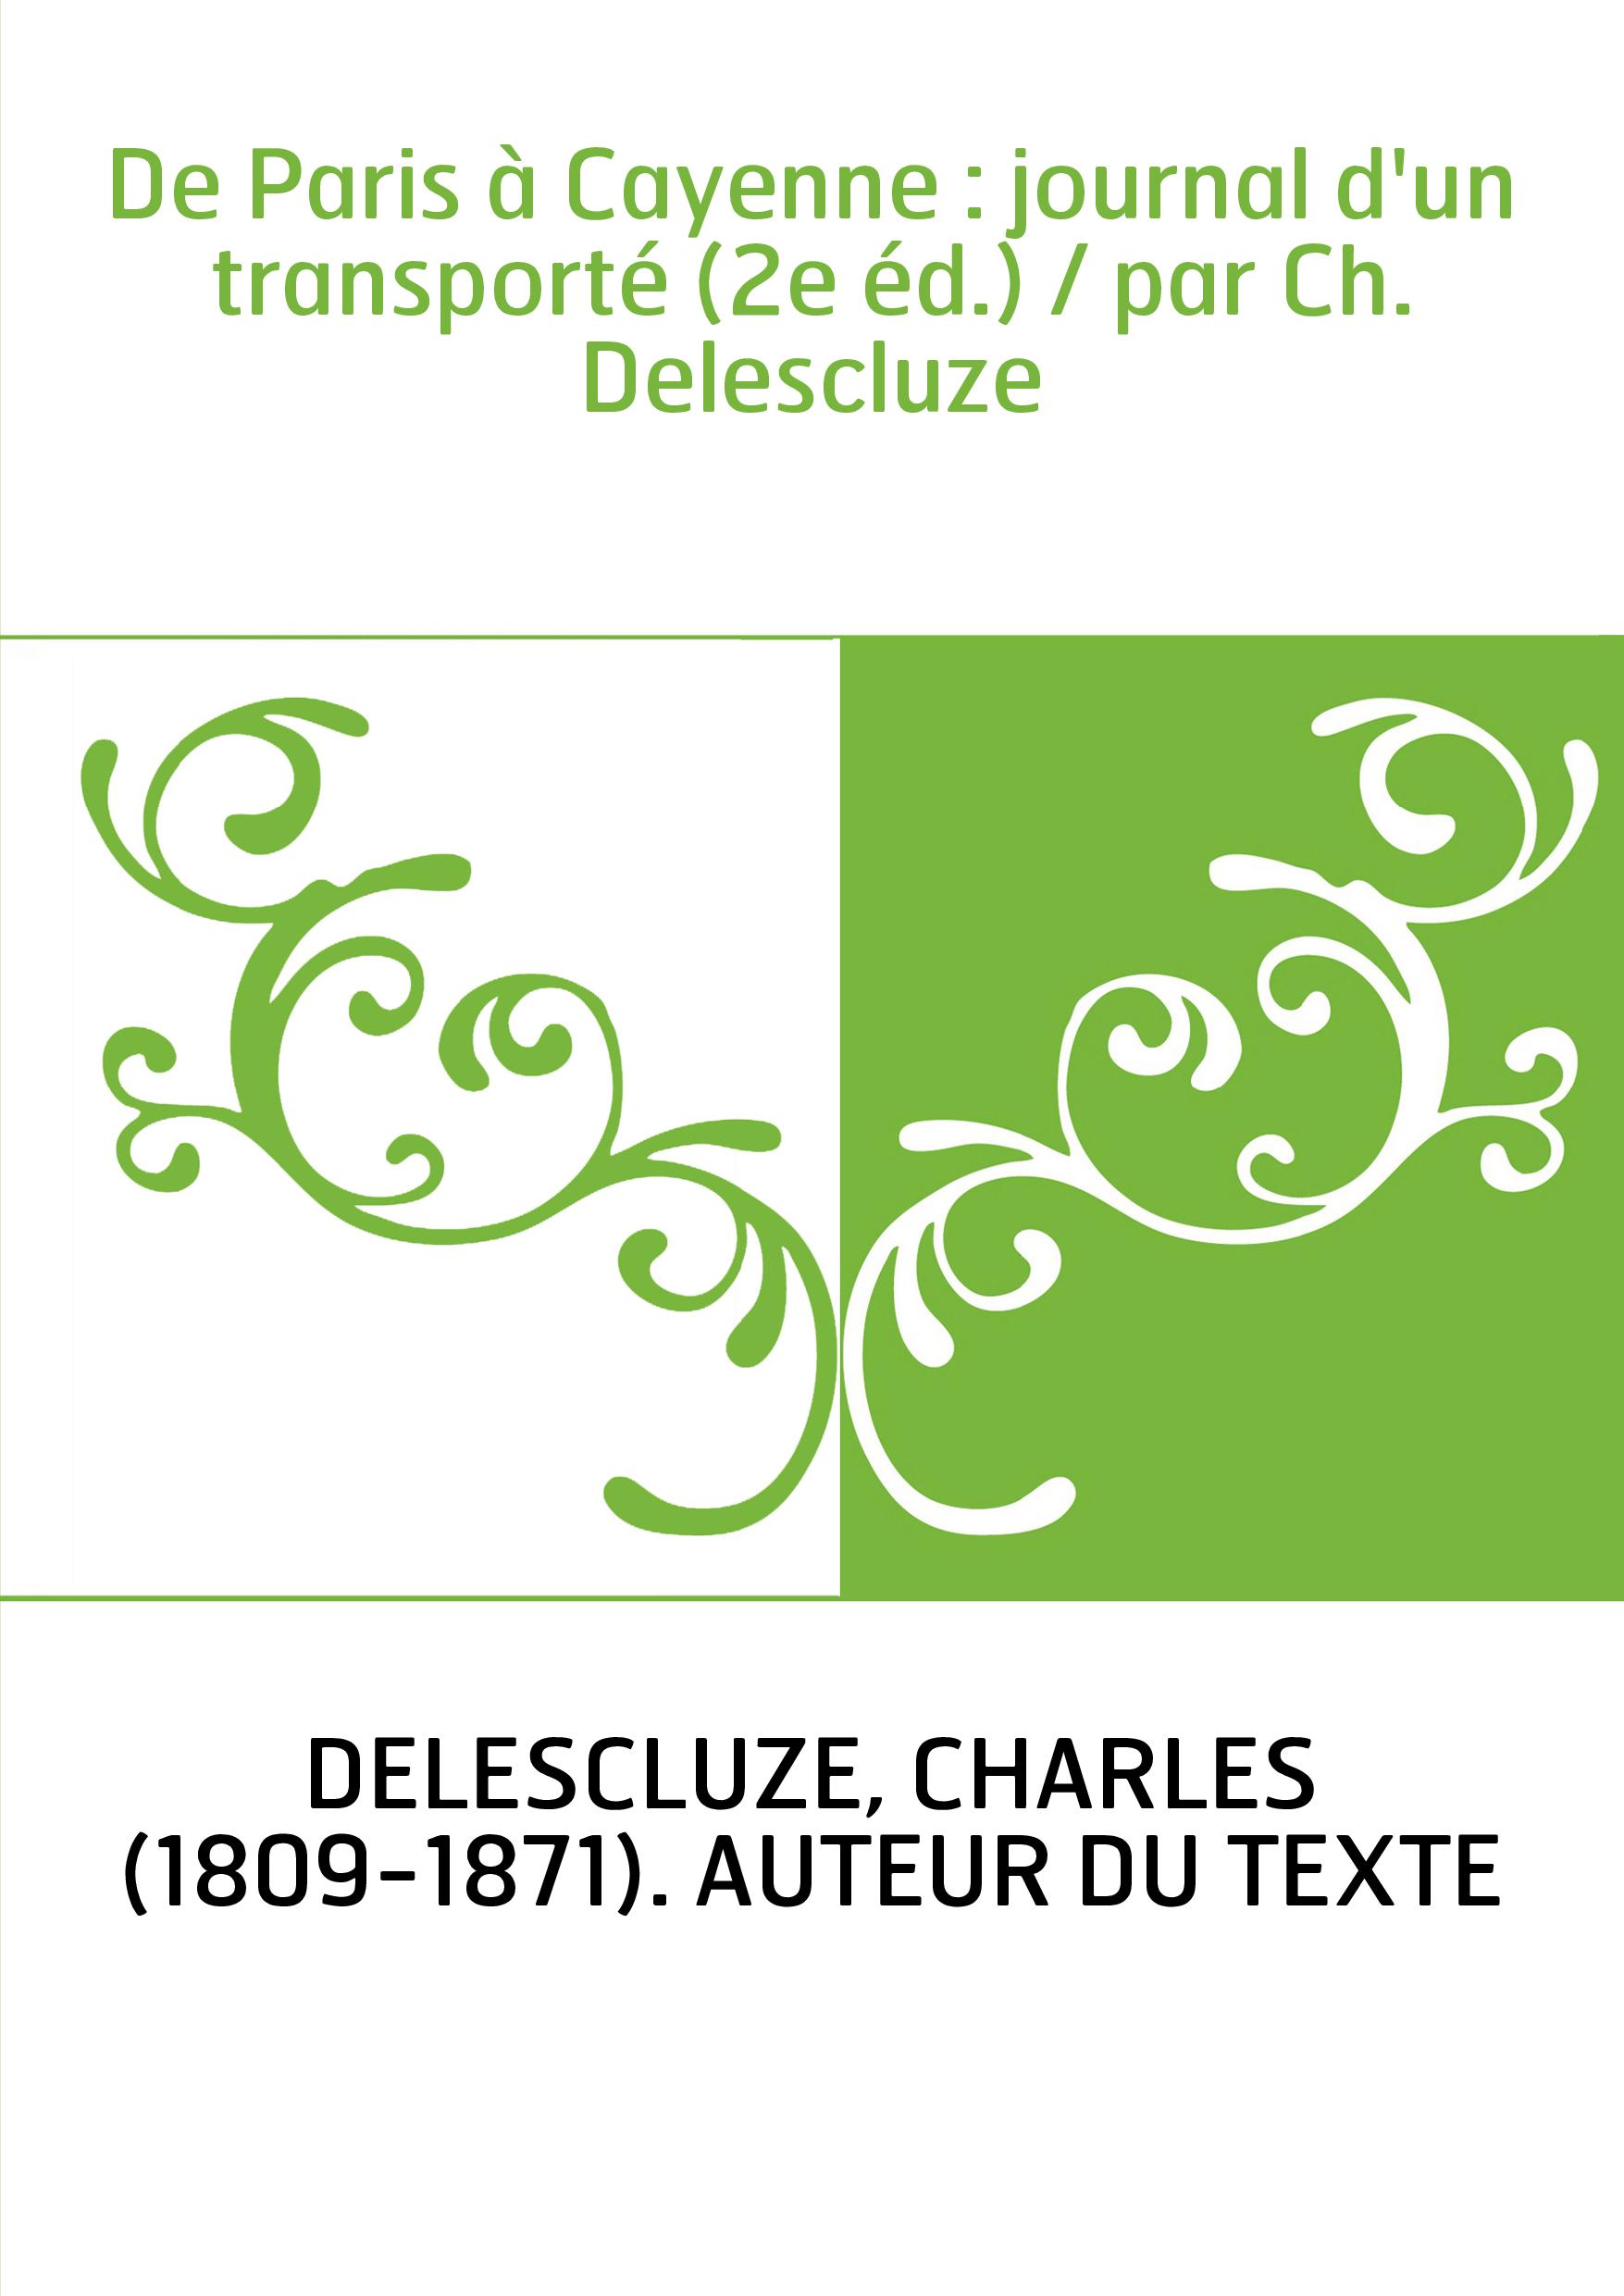 De Paris à Cayenne : journal d'un transporté (2e éd.) / par Ch. Delescluze